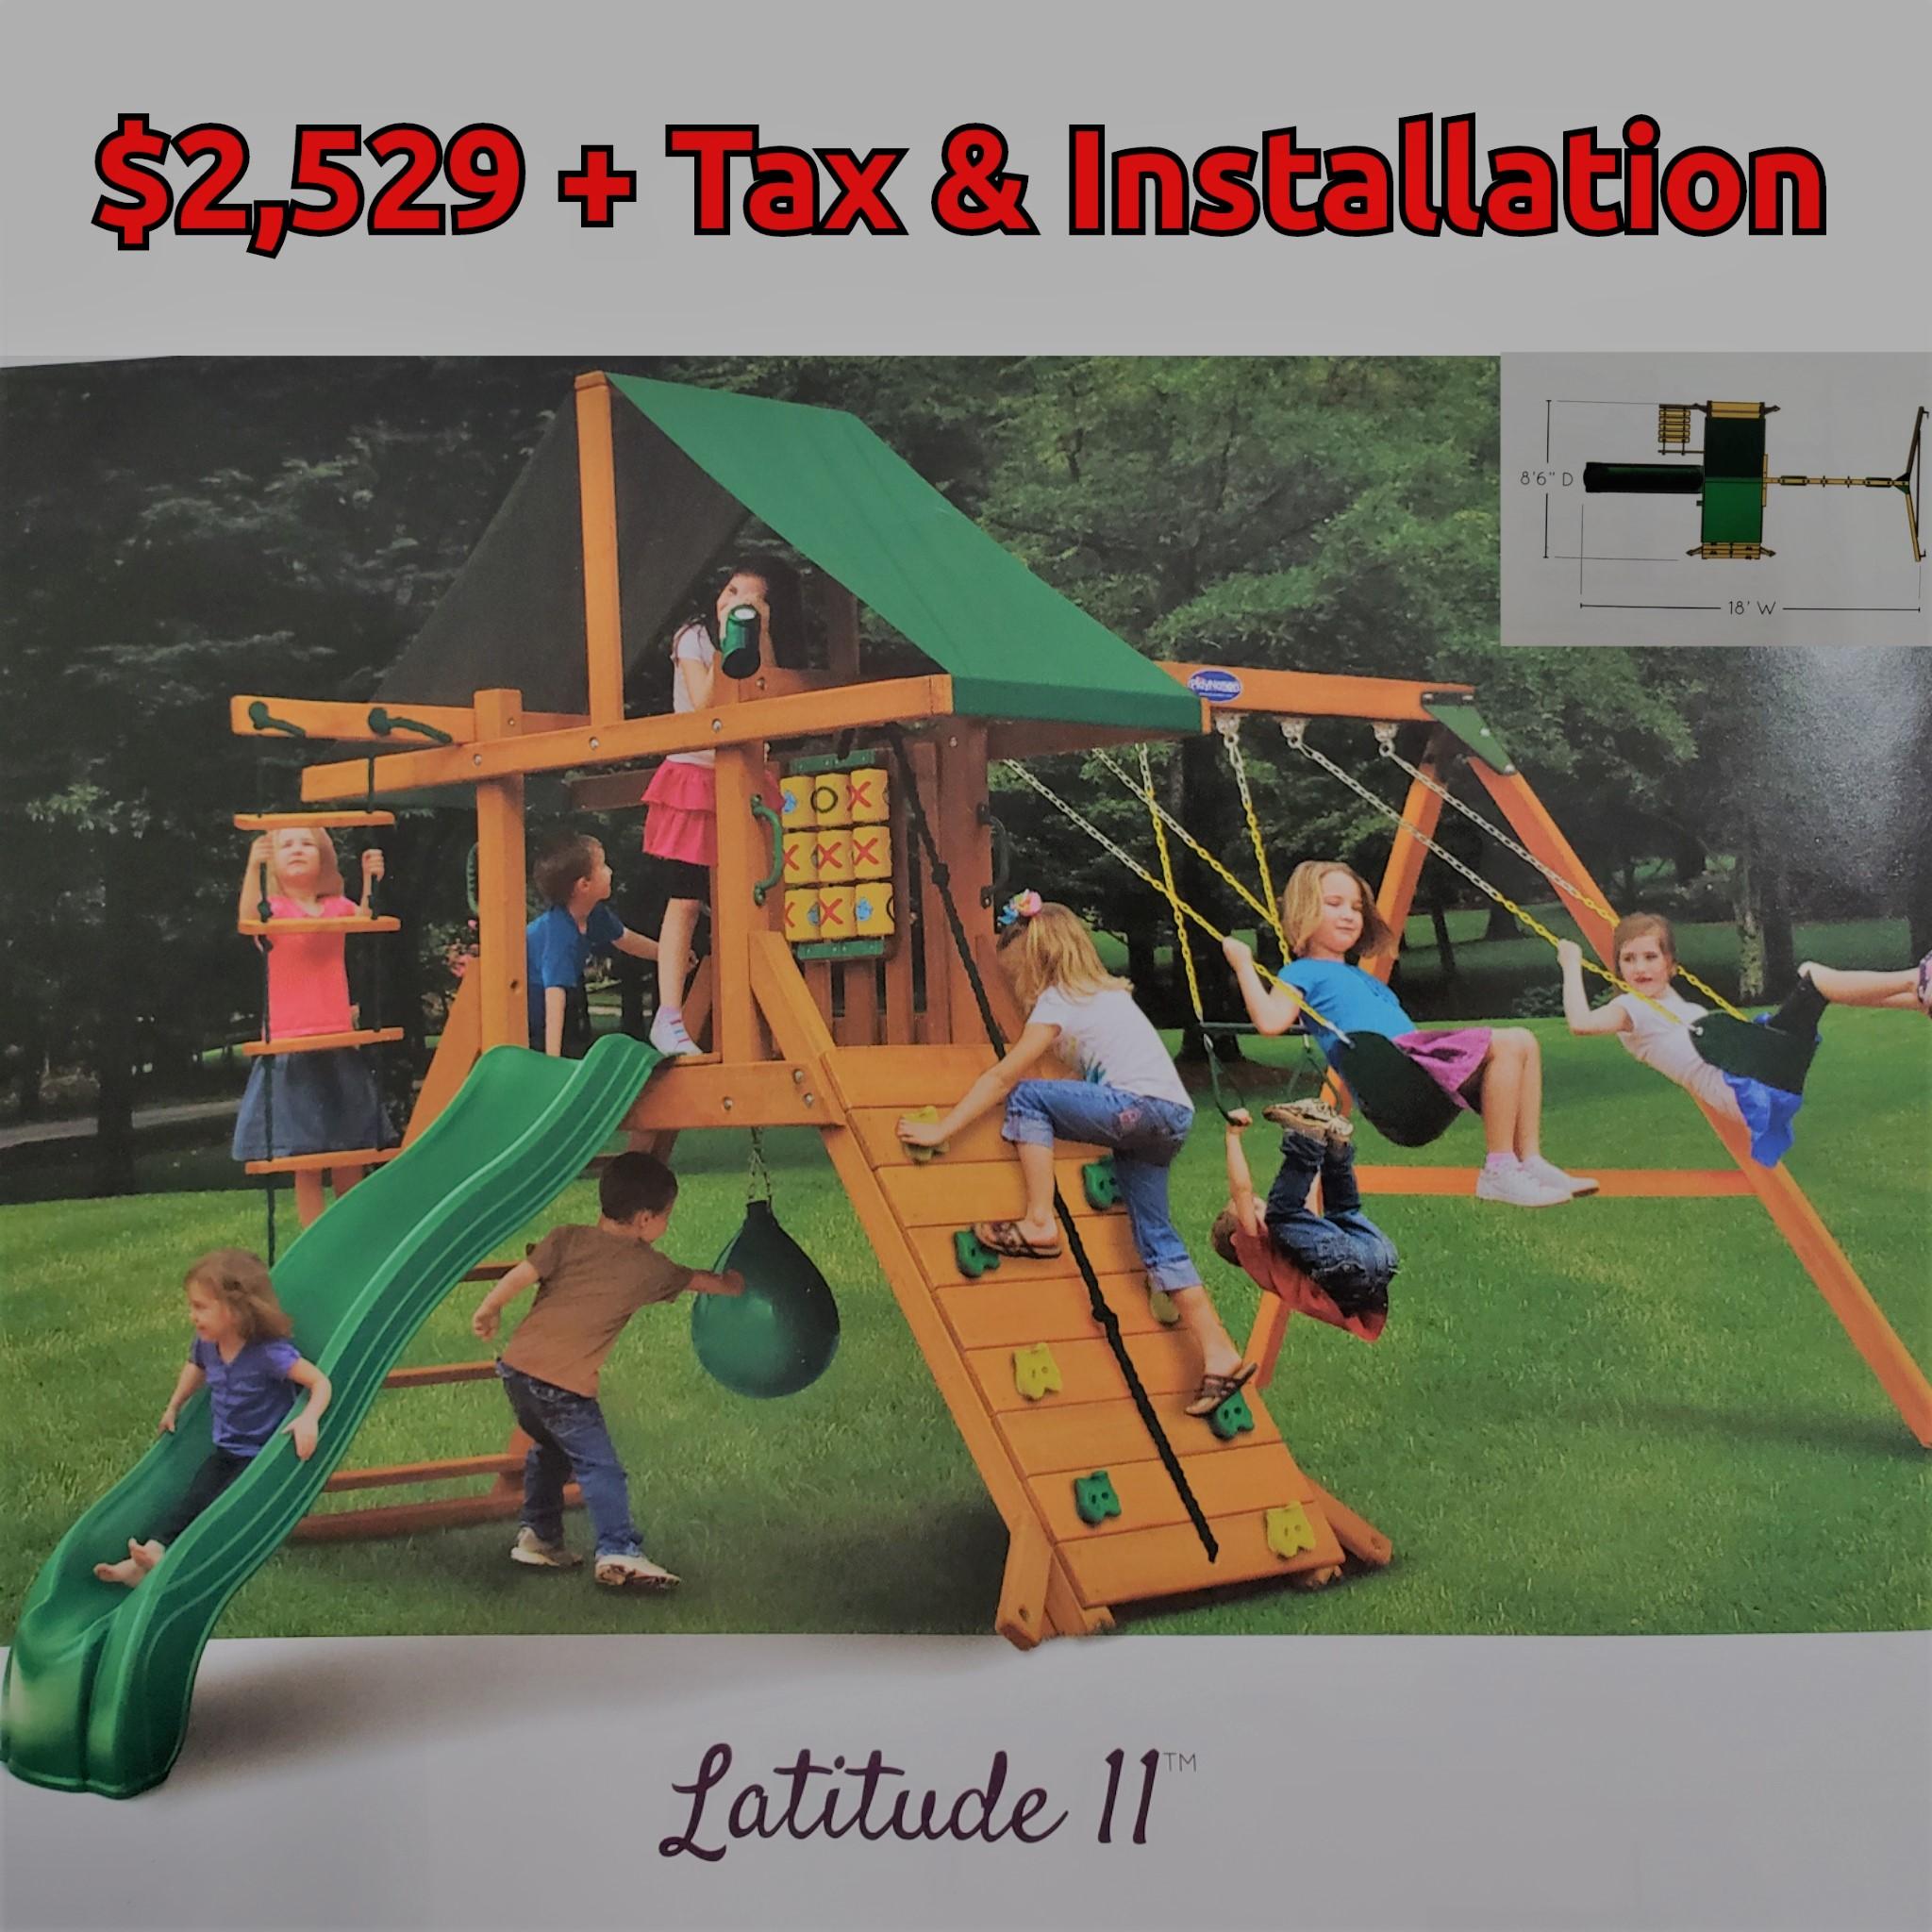 Latitude 2 - $2,529